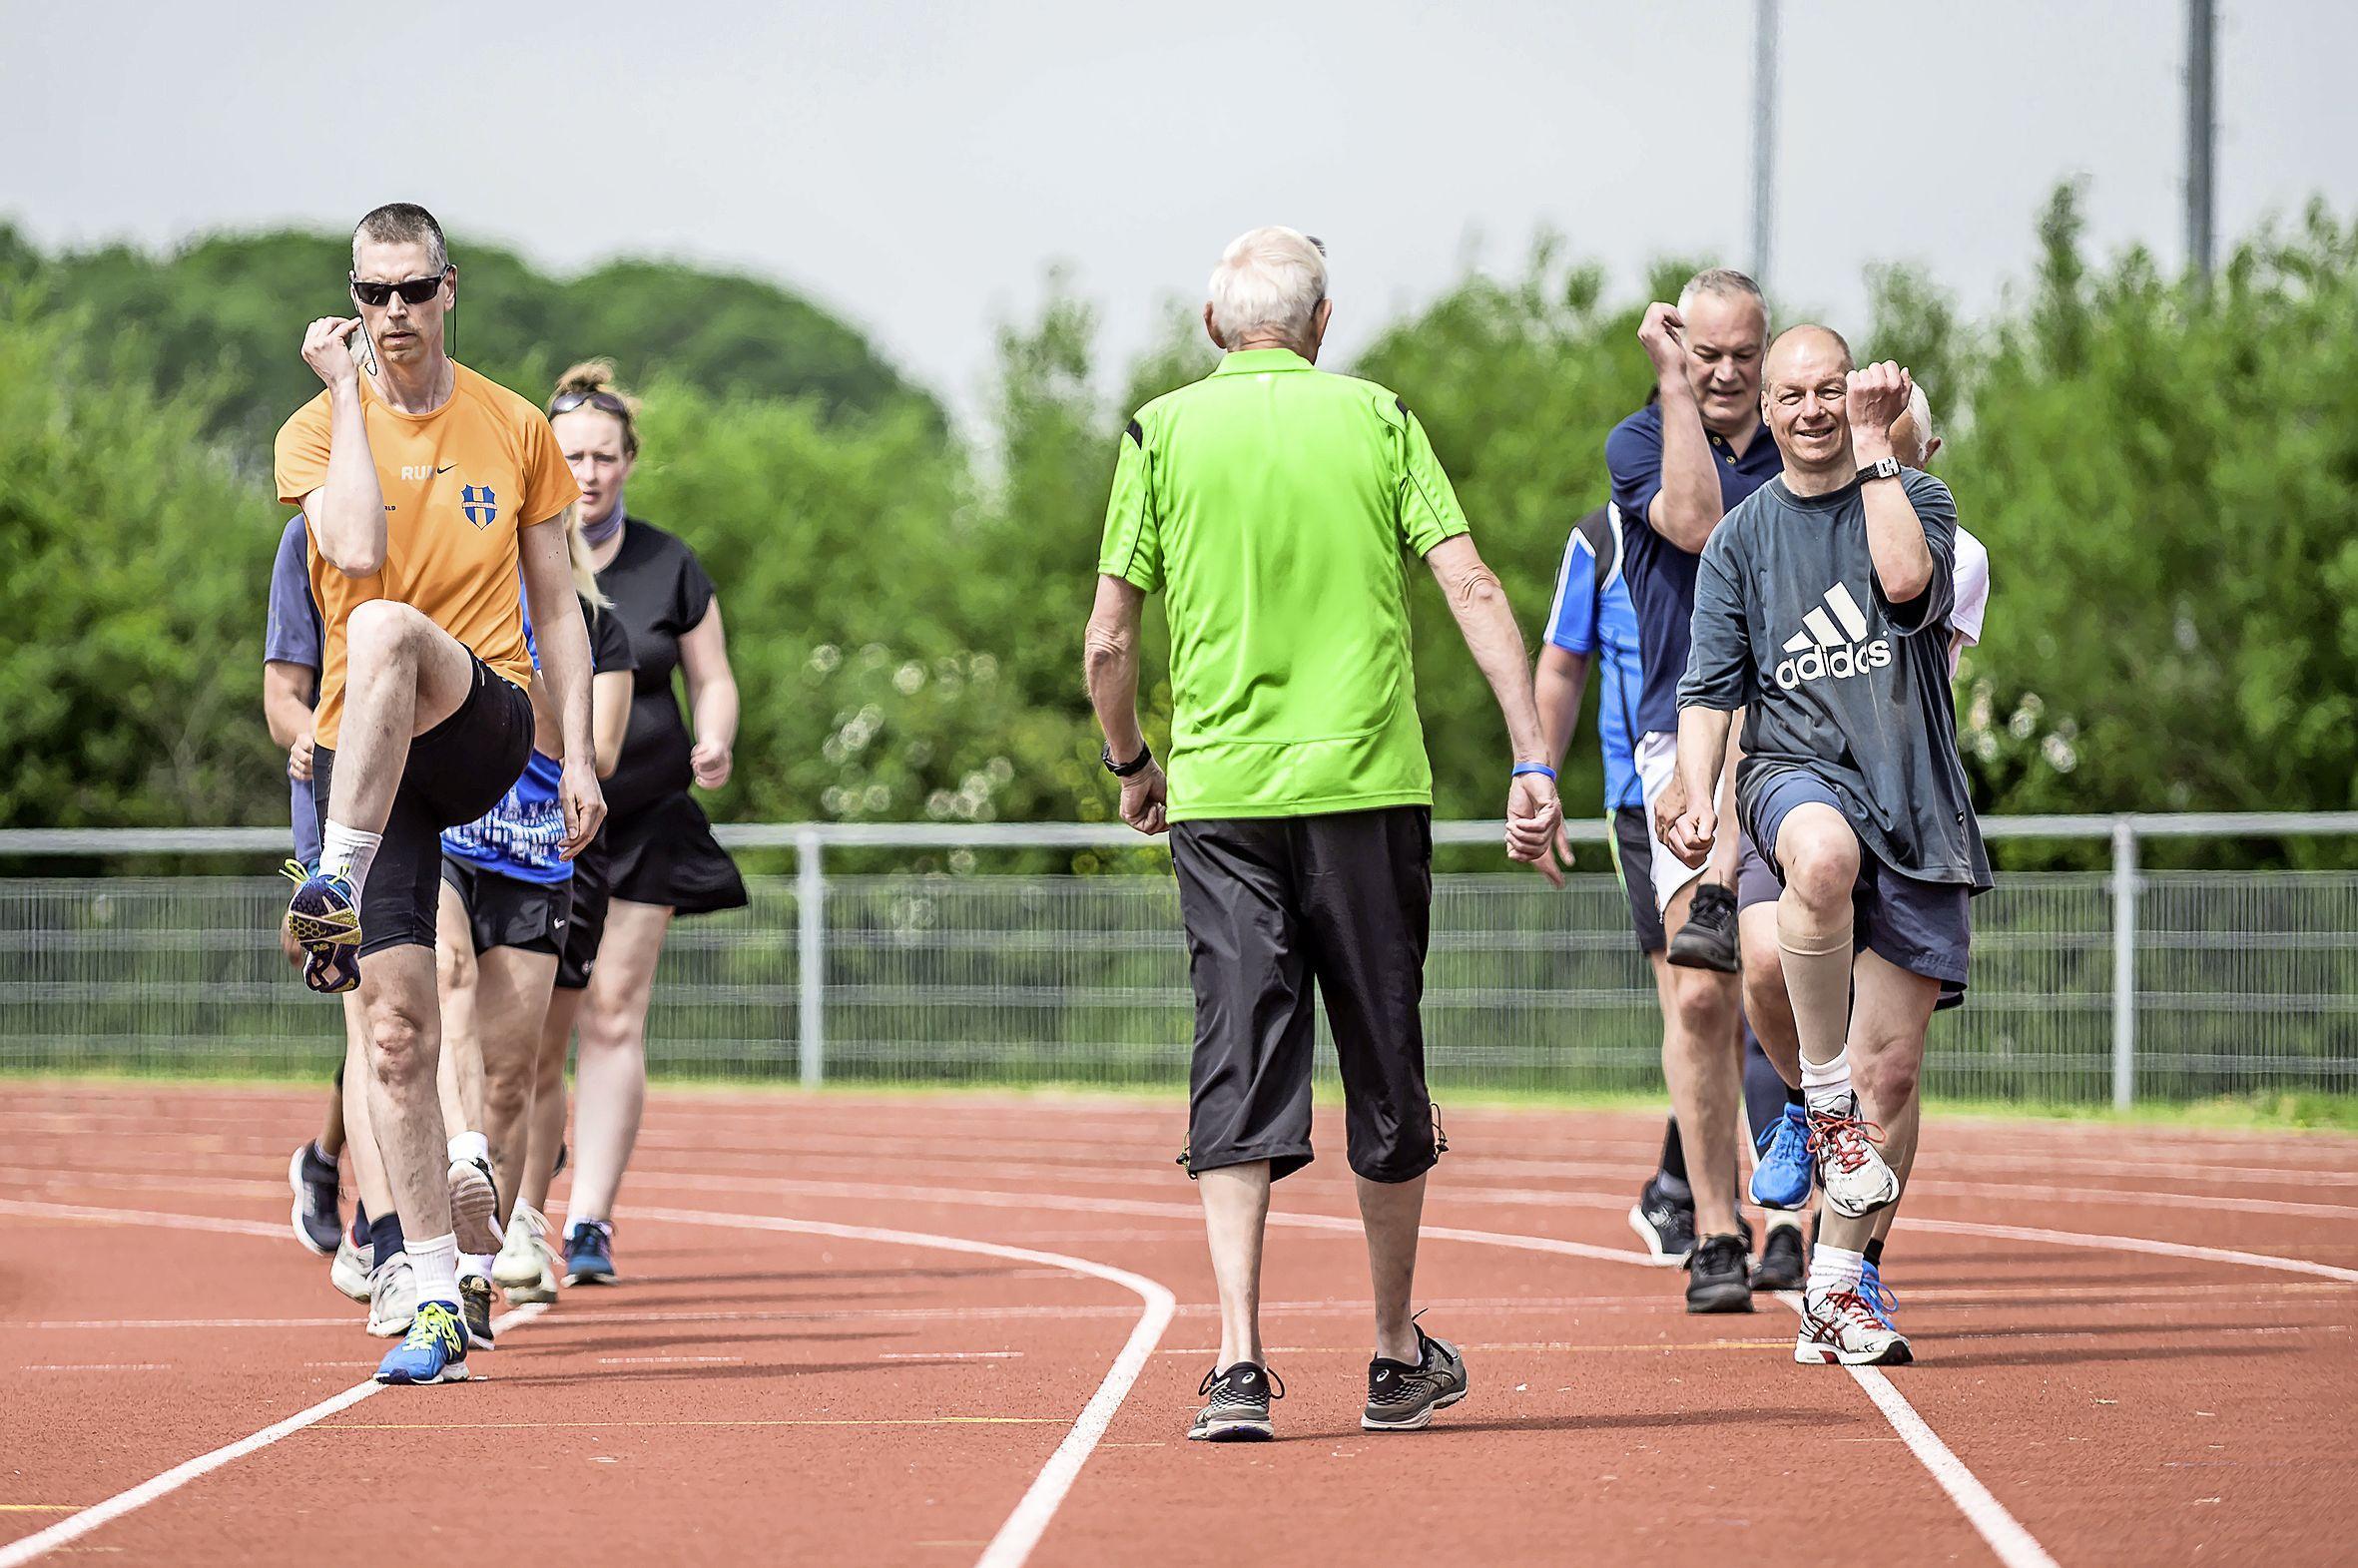 Running therapie in Assendelft helpt mensen met psychische beperking: 'Ik slaap nu als een os'